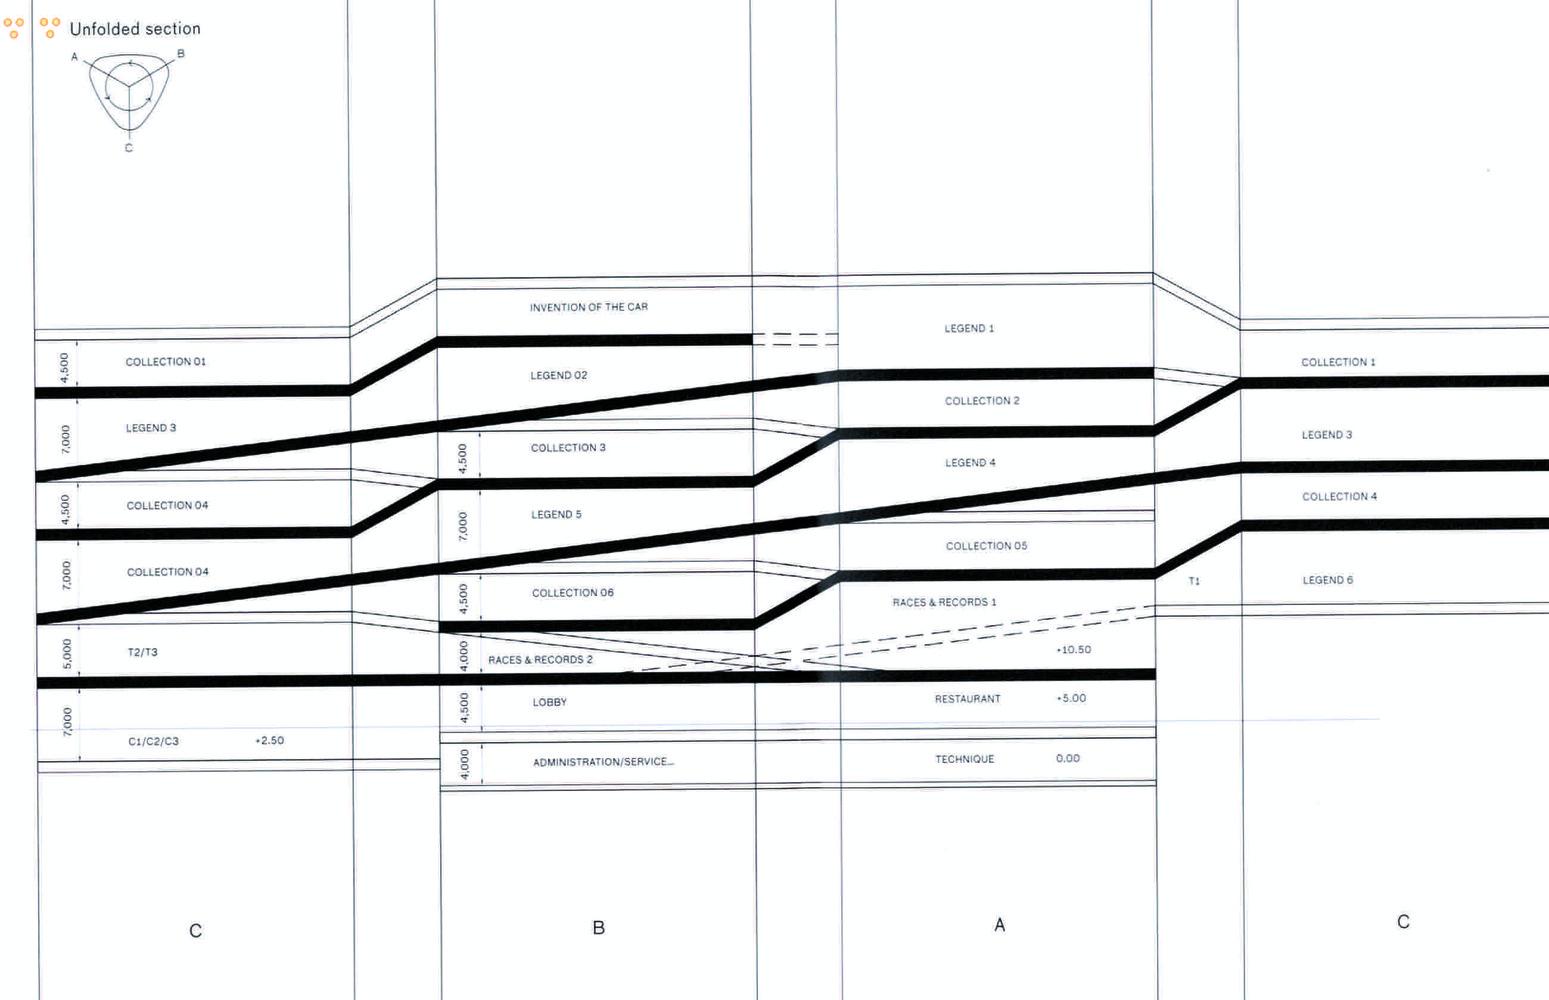 gallery of mercedes benz museum unstudio 23 1972 mercedes benz wiring diagrams mercedes benz diagram [ 1549 x 1000 Pixel ]